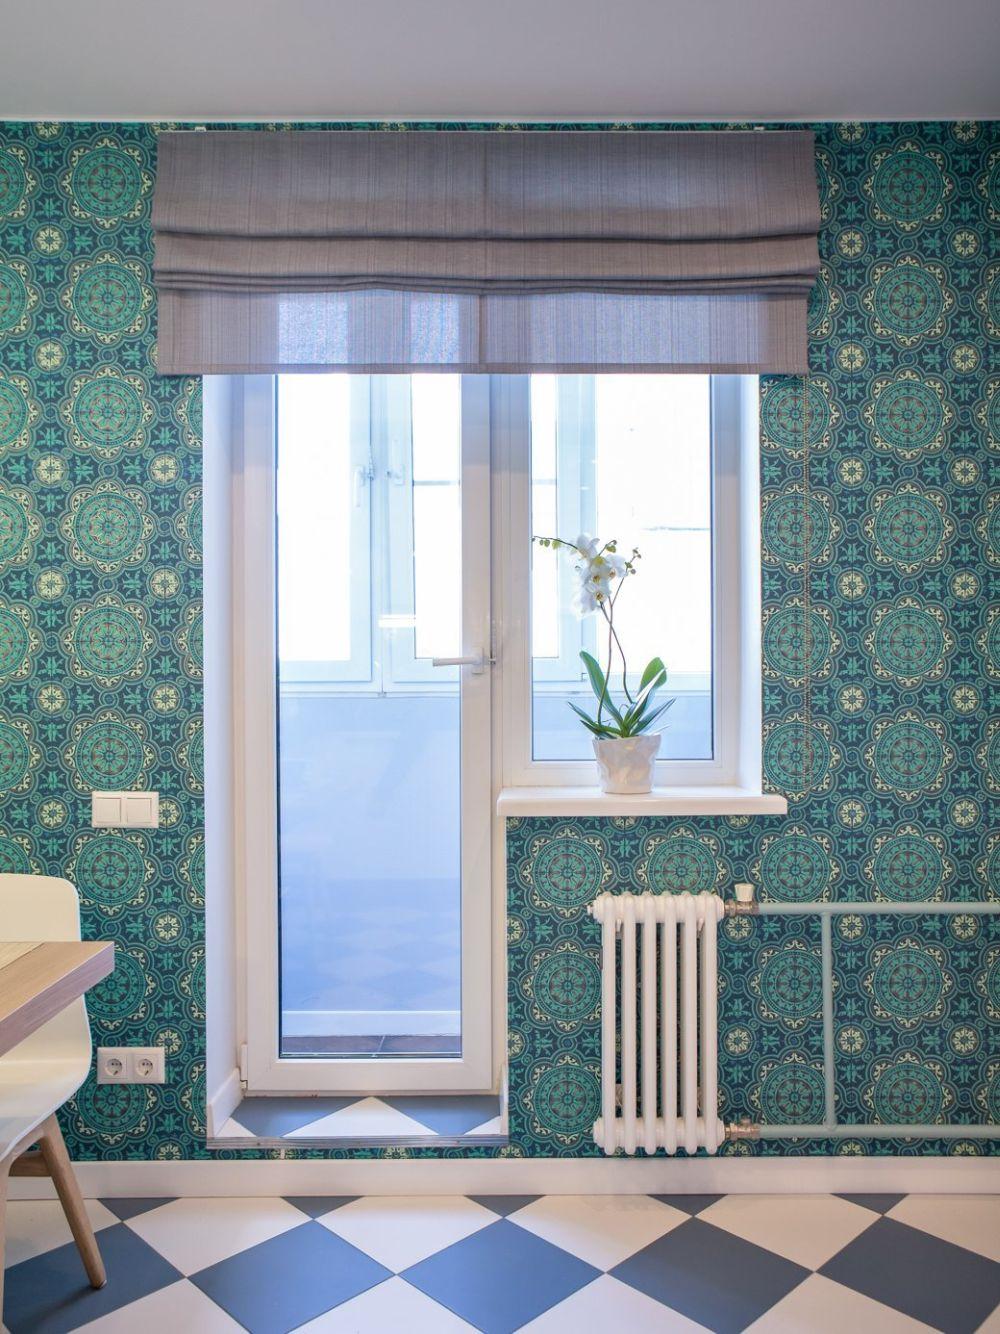 adelaparvu.com despre apartament 104 mp, 4 camere, Moscova, designer Maria Solovieva-Sosnowik, Foto Anna Kiseleva (32)